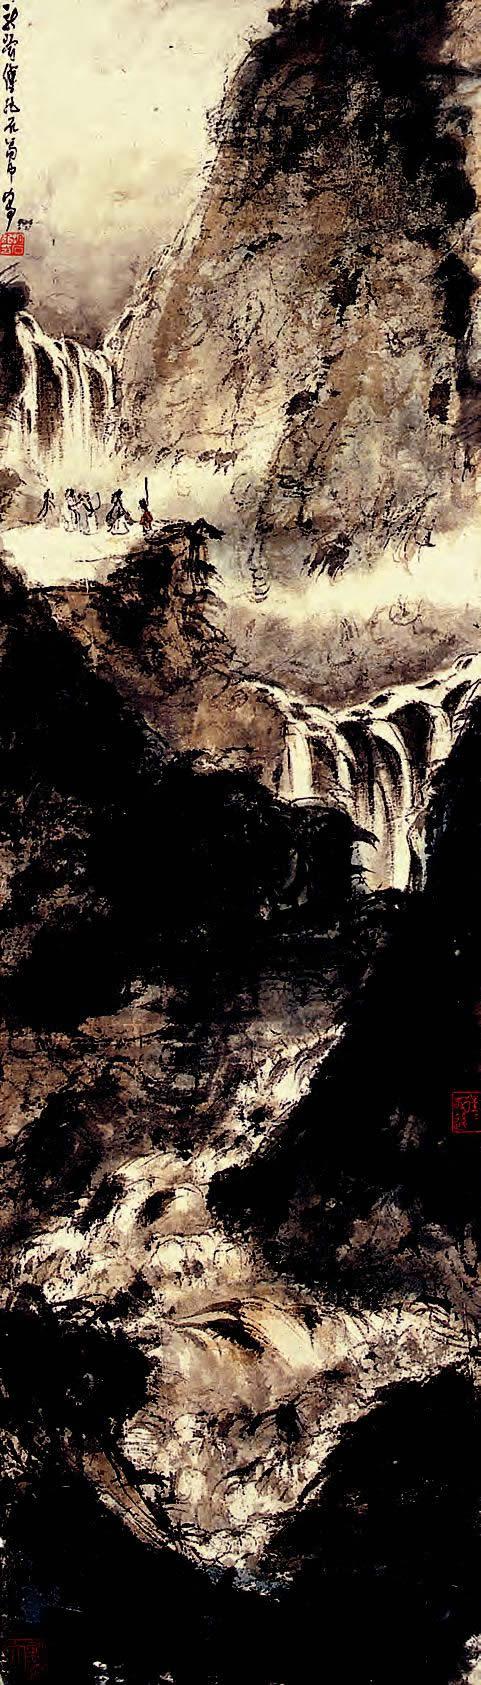 山岩观瀑图